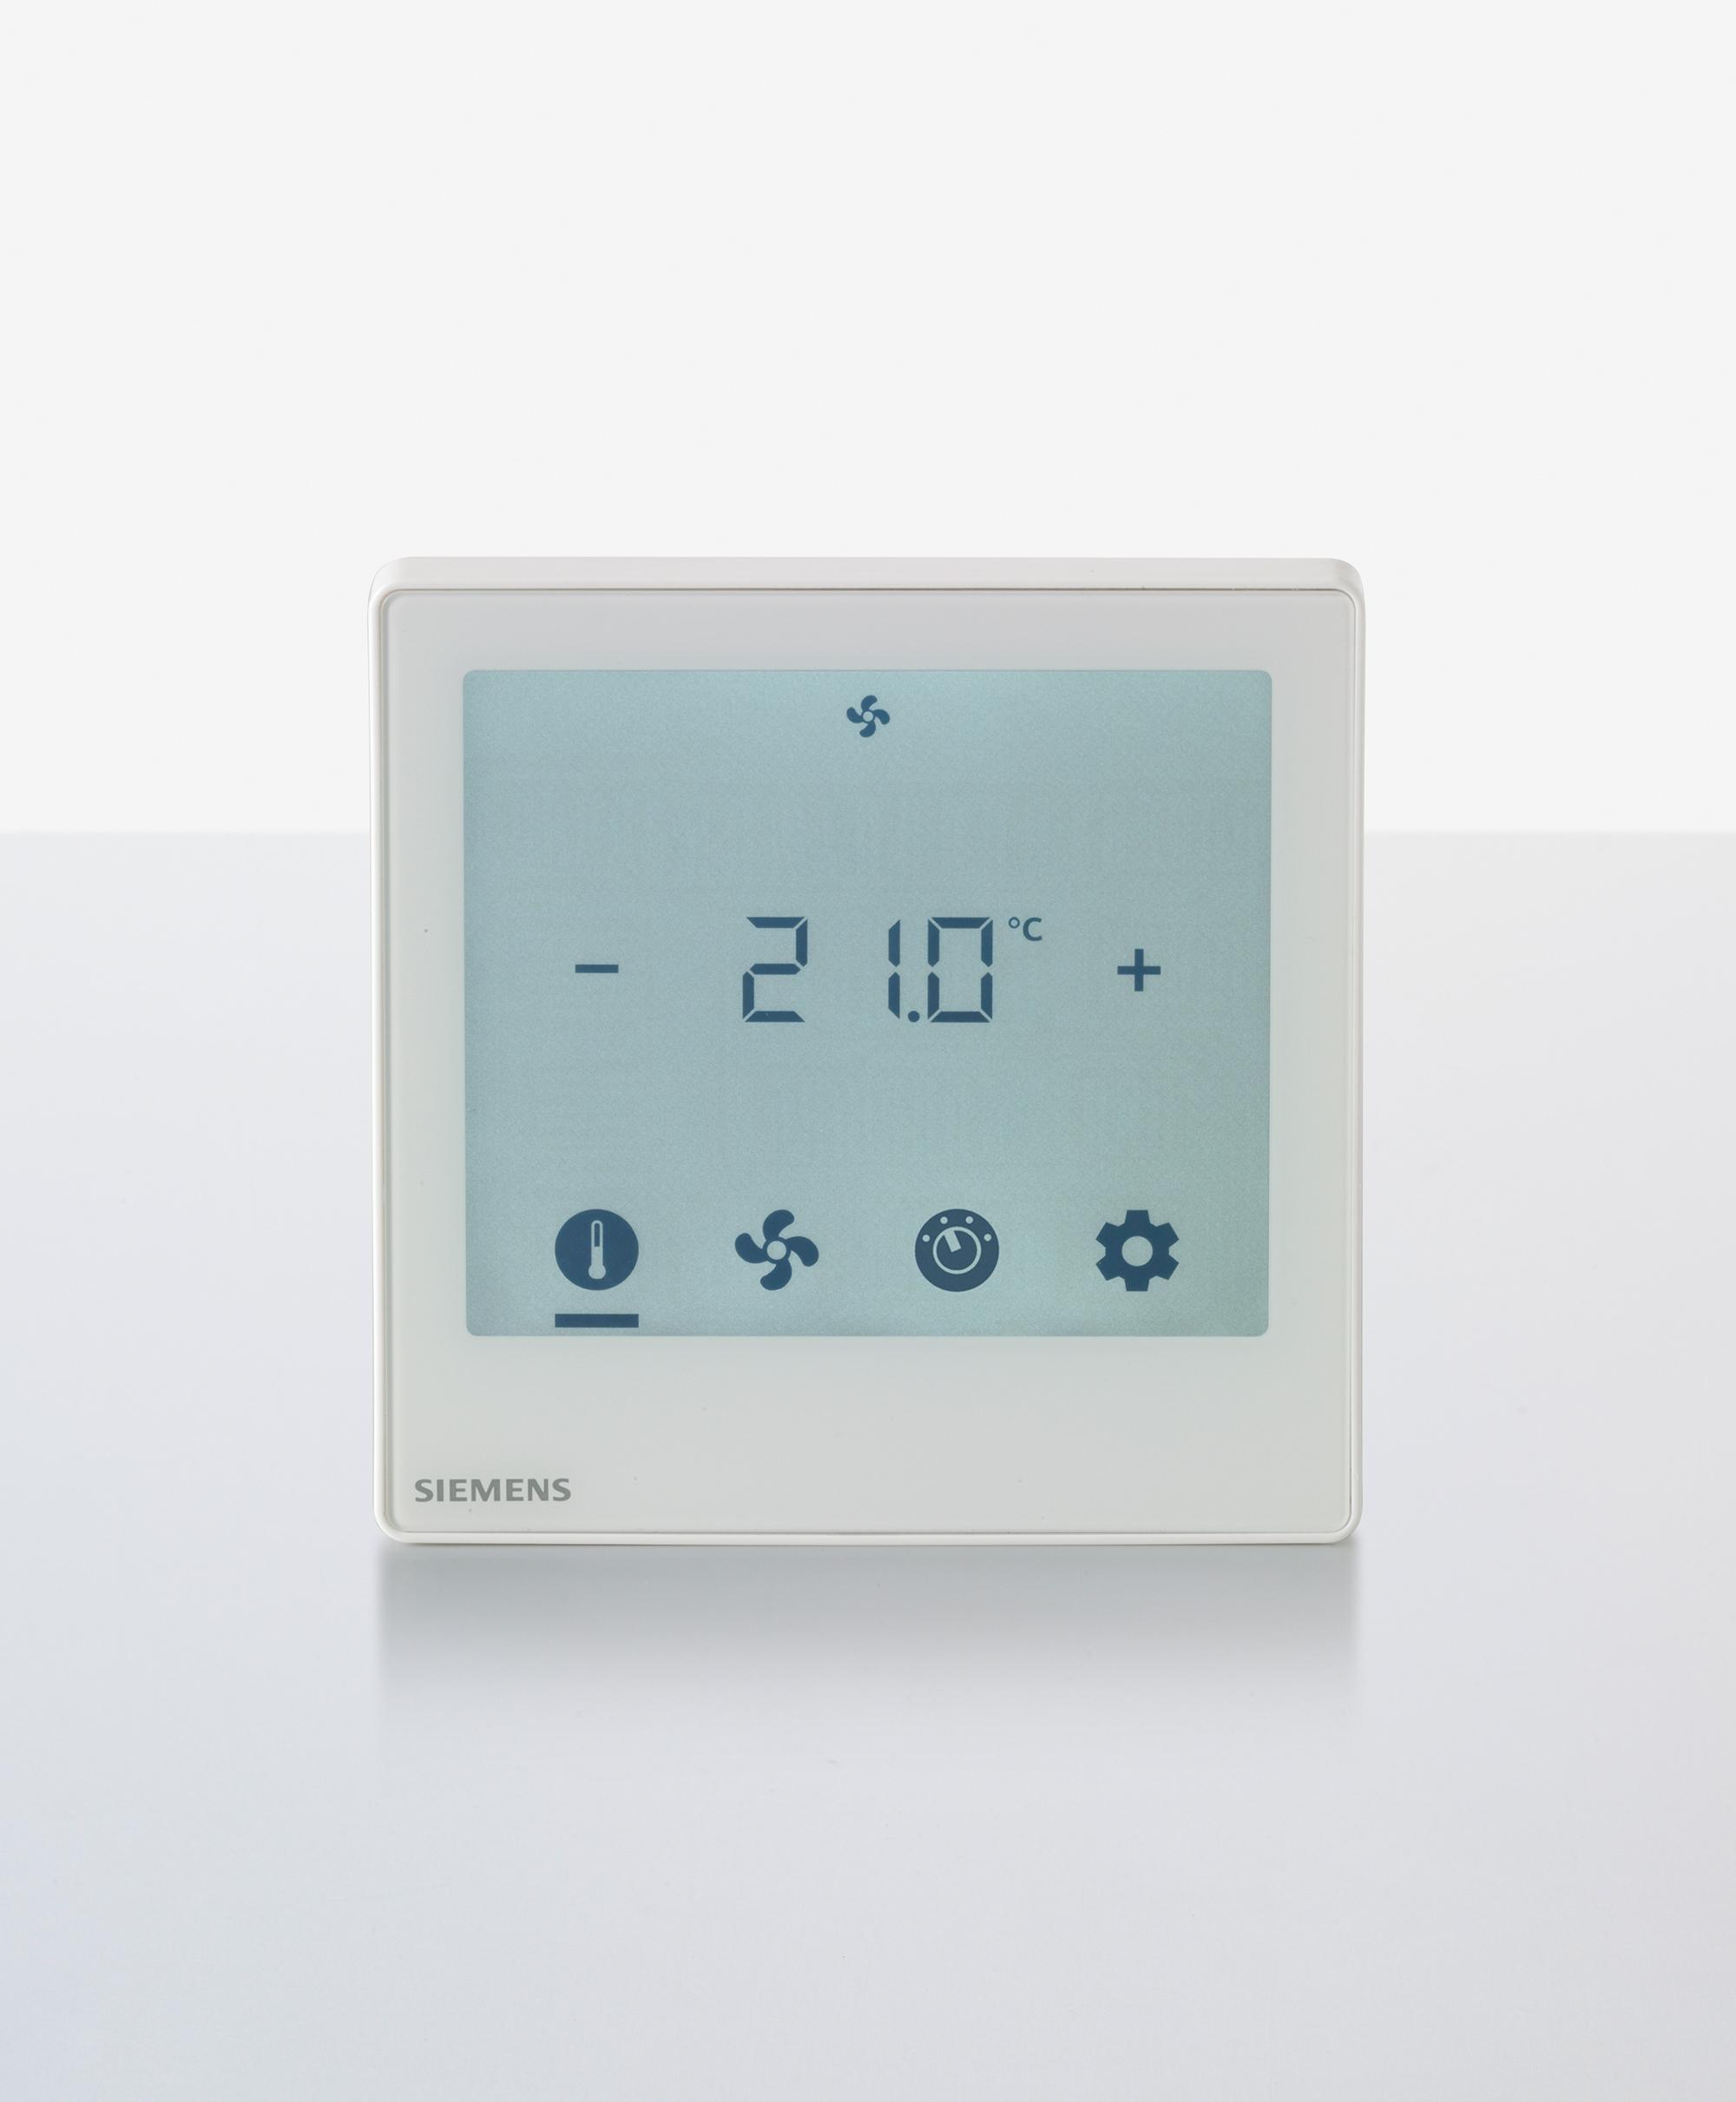 Termostat de camera RDF HVAC - Termostat de camera cu ecran tactil